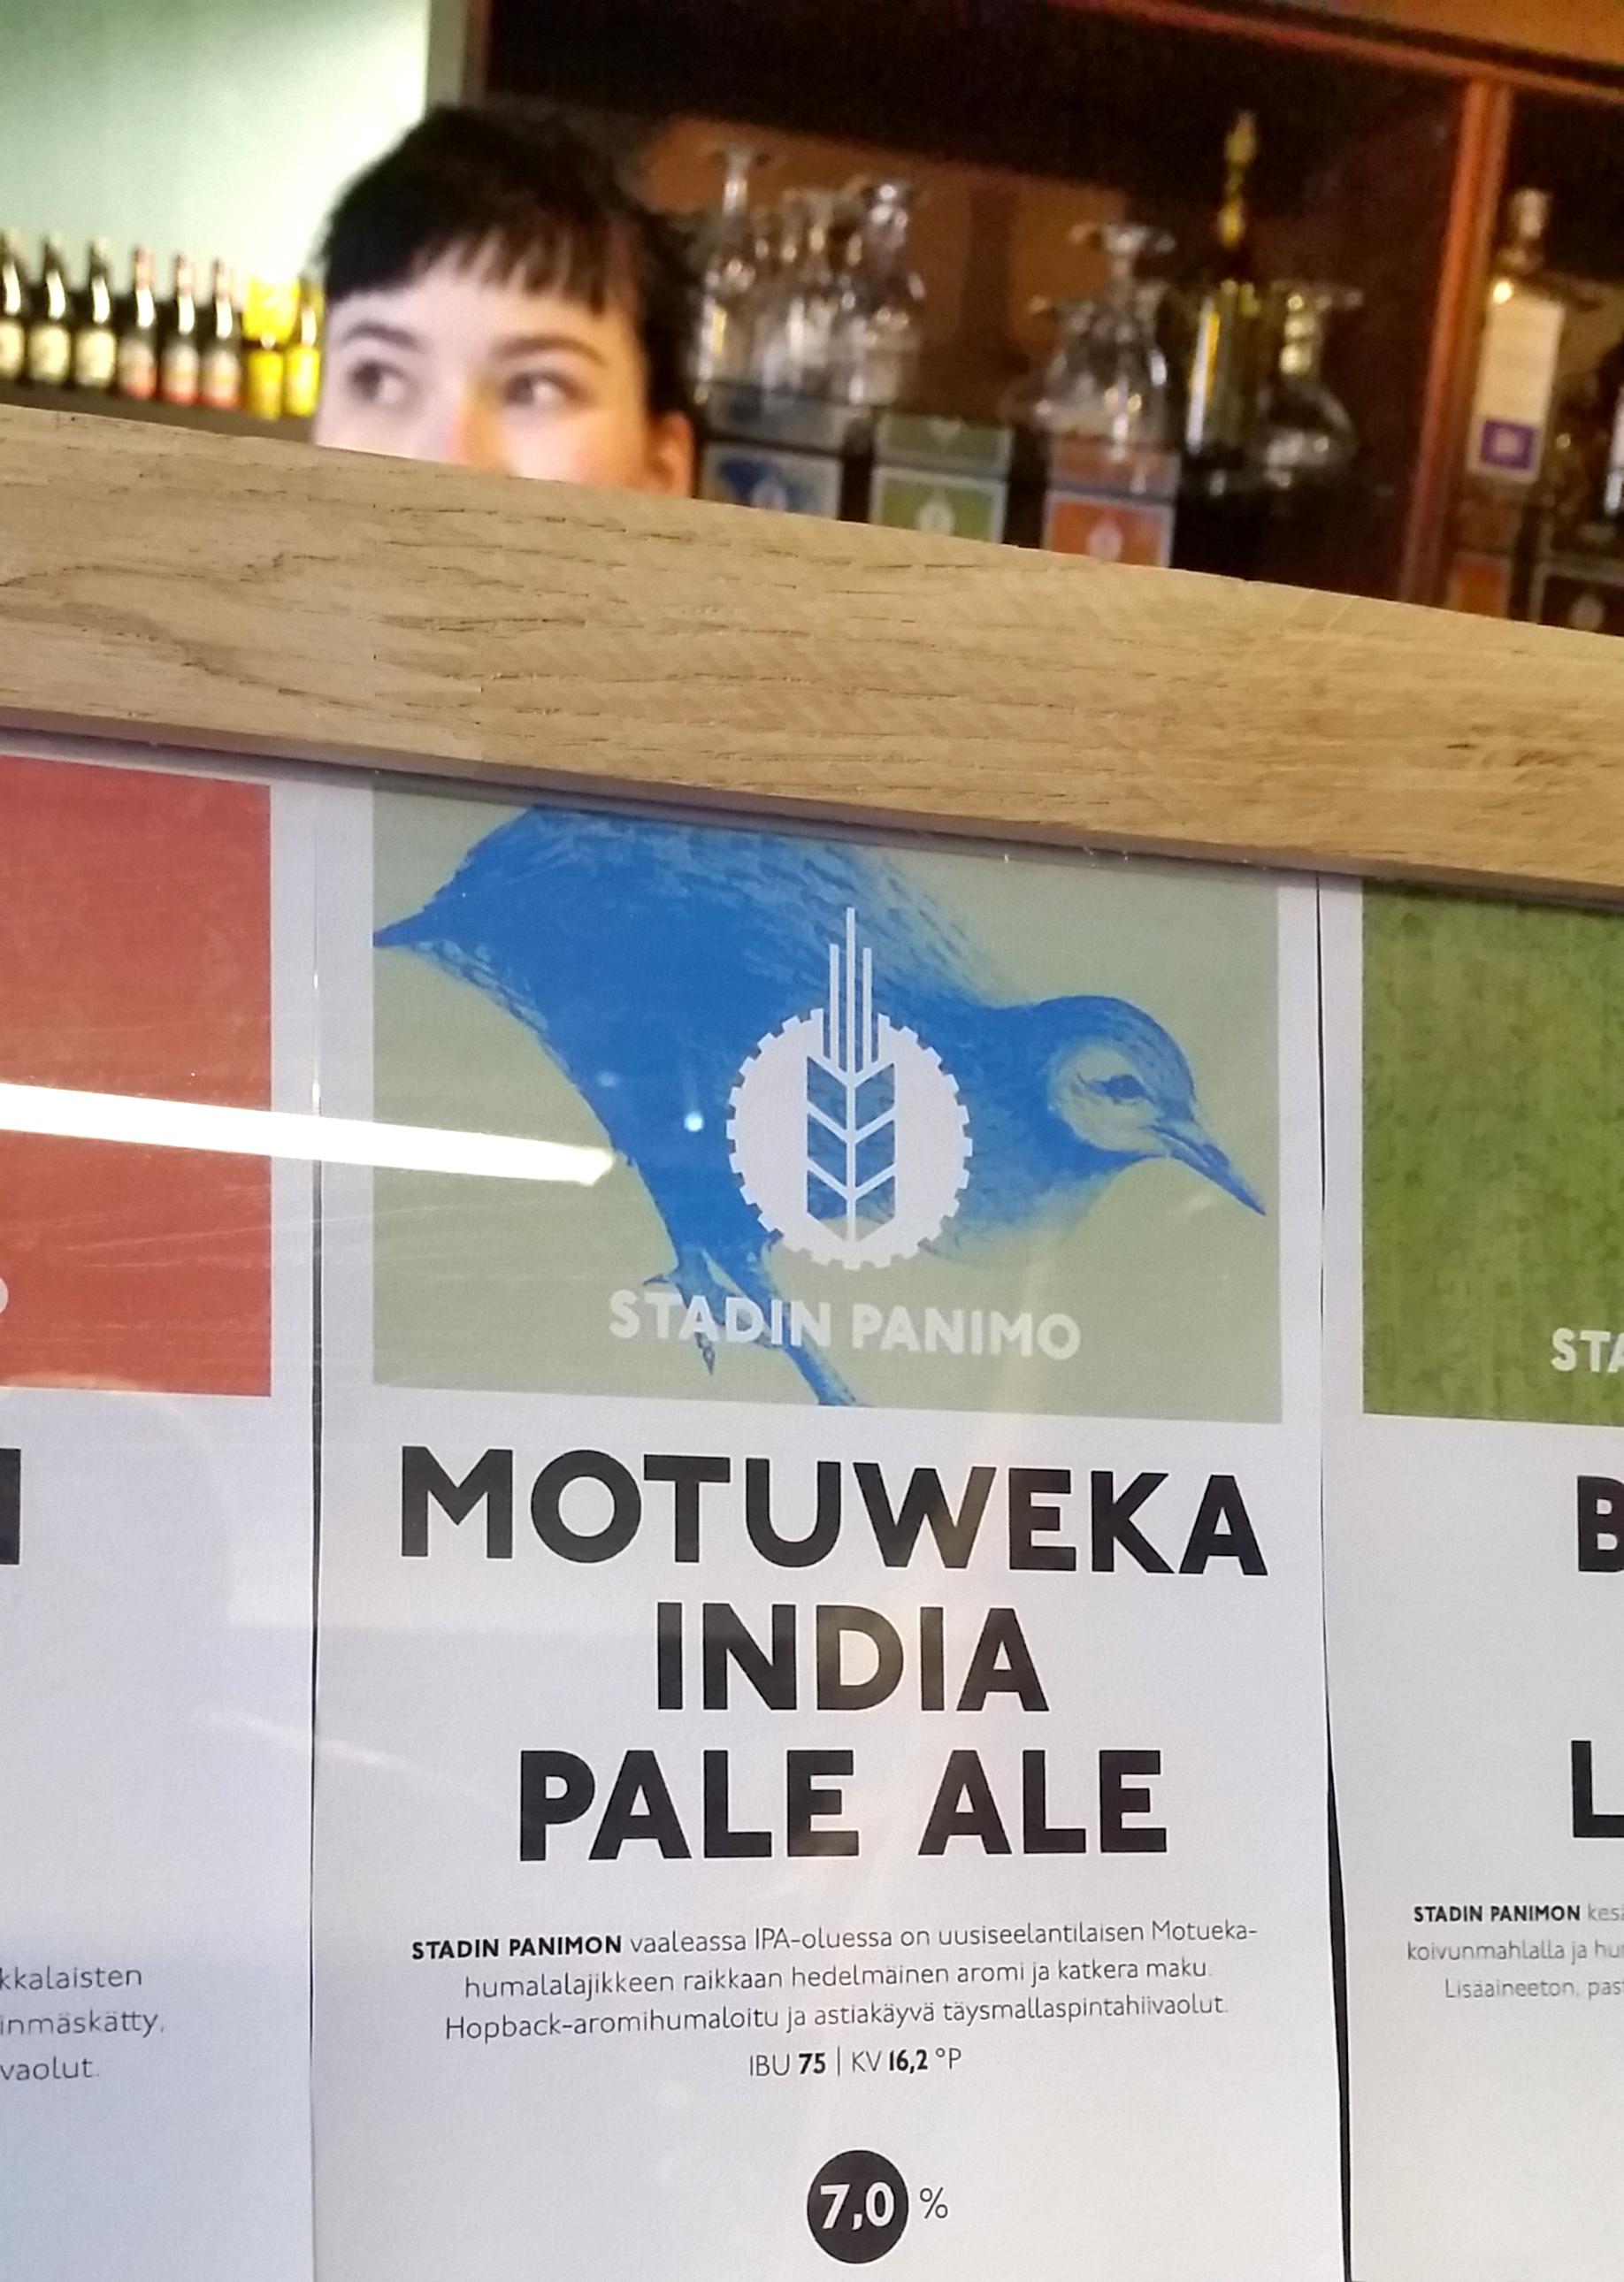 motuweka